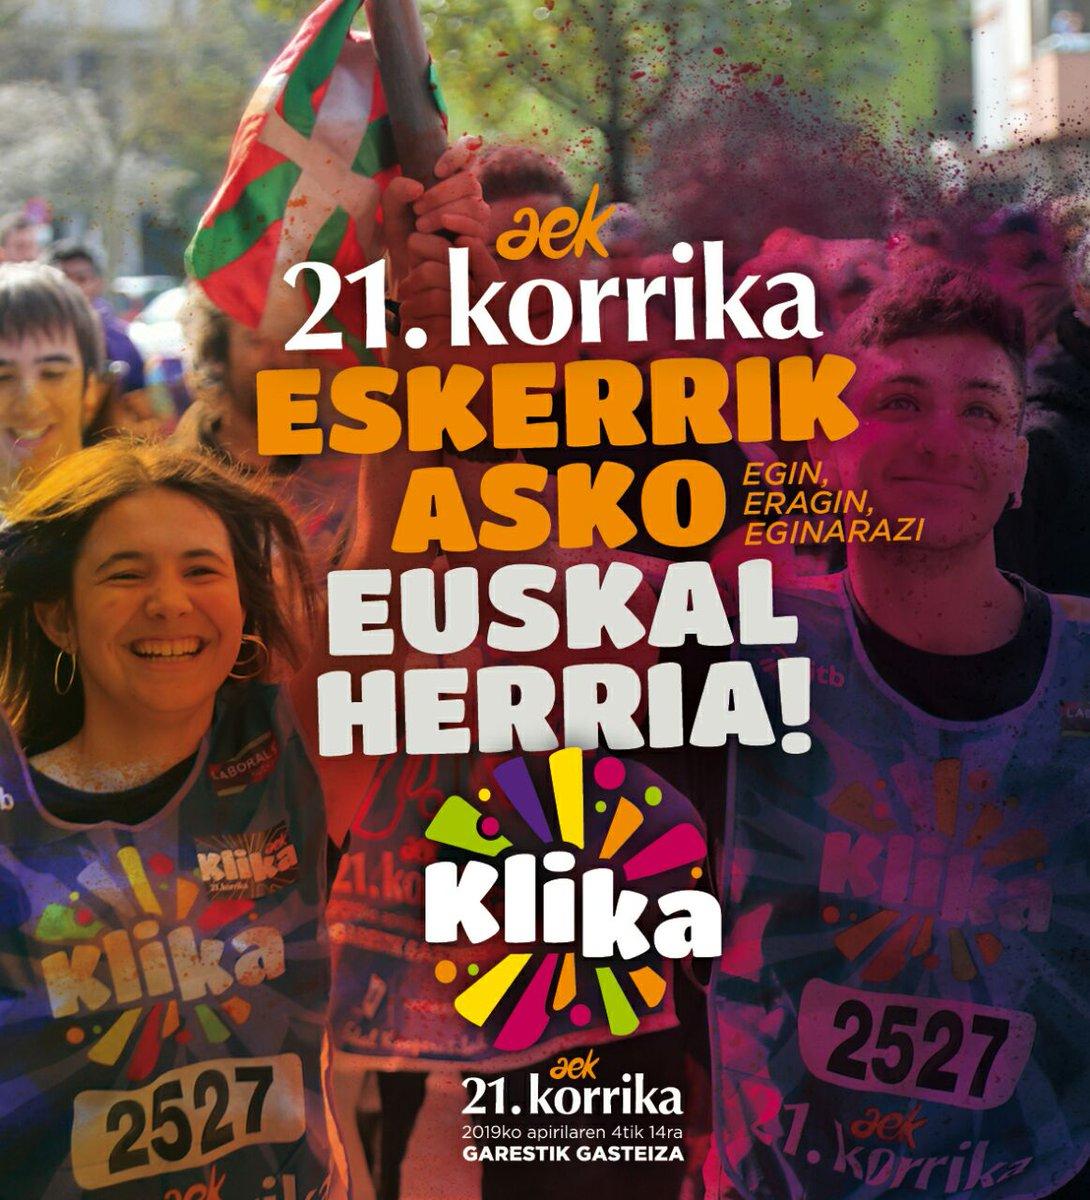 Eskerrik asko, Euskal Herria! #Klika #korrika #KORRIKA21